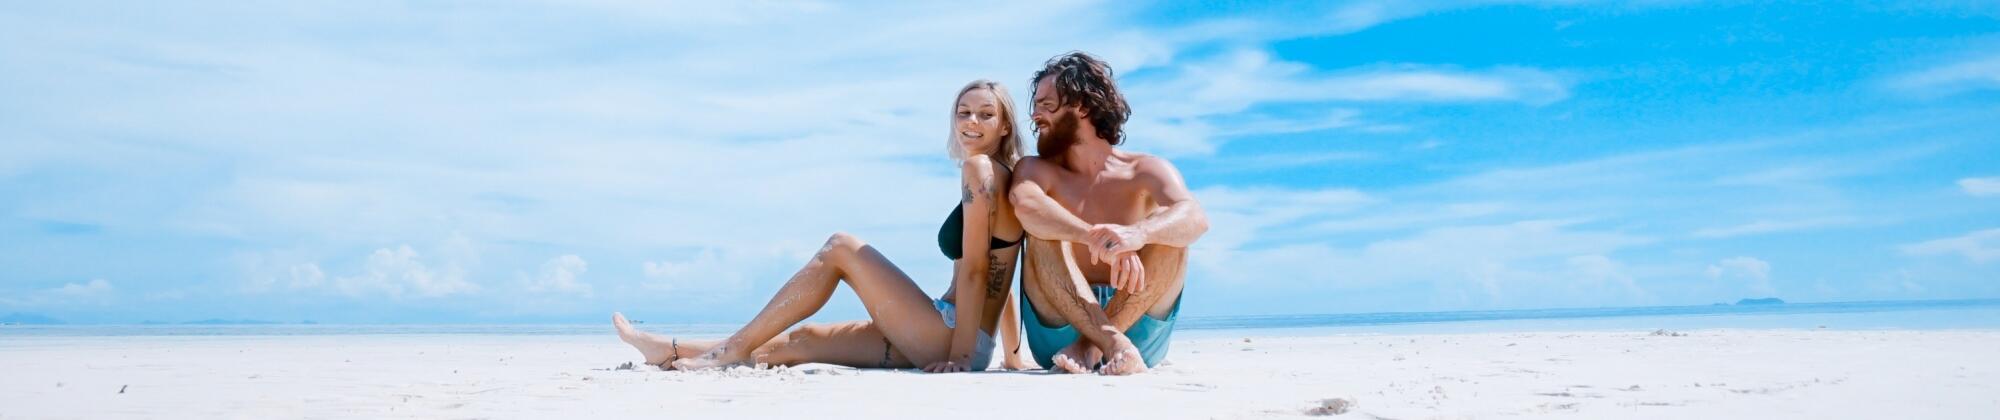 Speciale offerta maggio Time for Two: weekend di coppia in romantica masseria in Salento